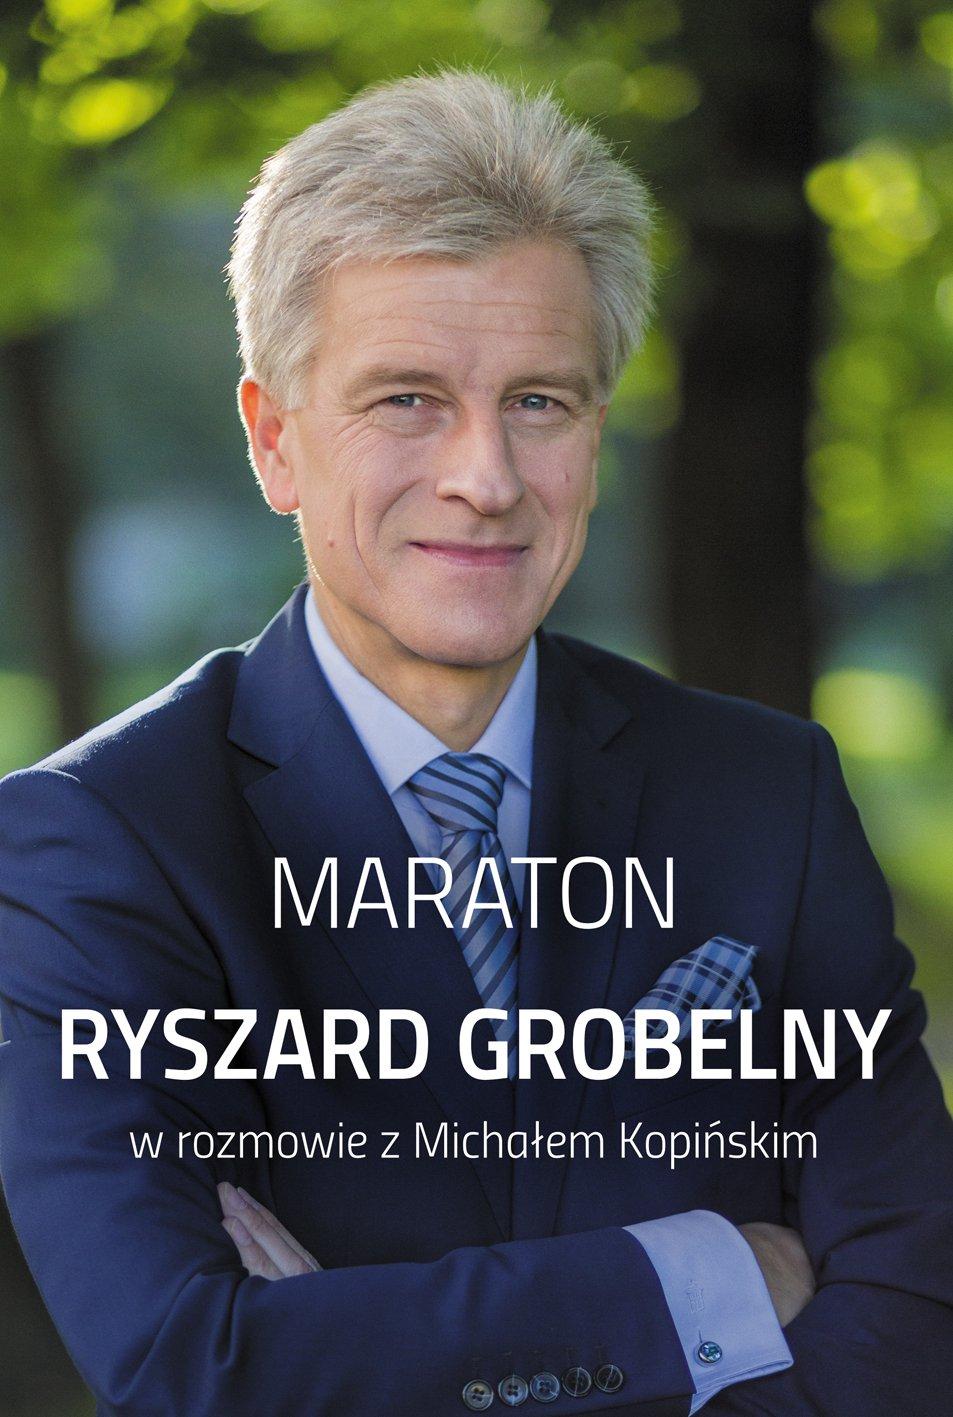 Maraton. Ryszard Grobelny w rozmowie z Michałem Kopińskim - Ebook (Książka na Kindle) do pobrania w formacie MOBI